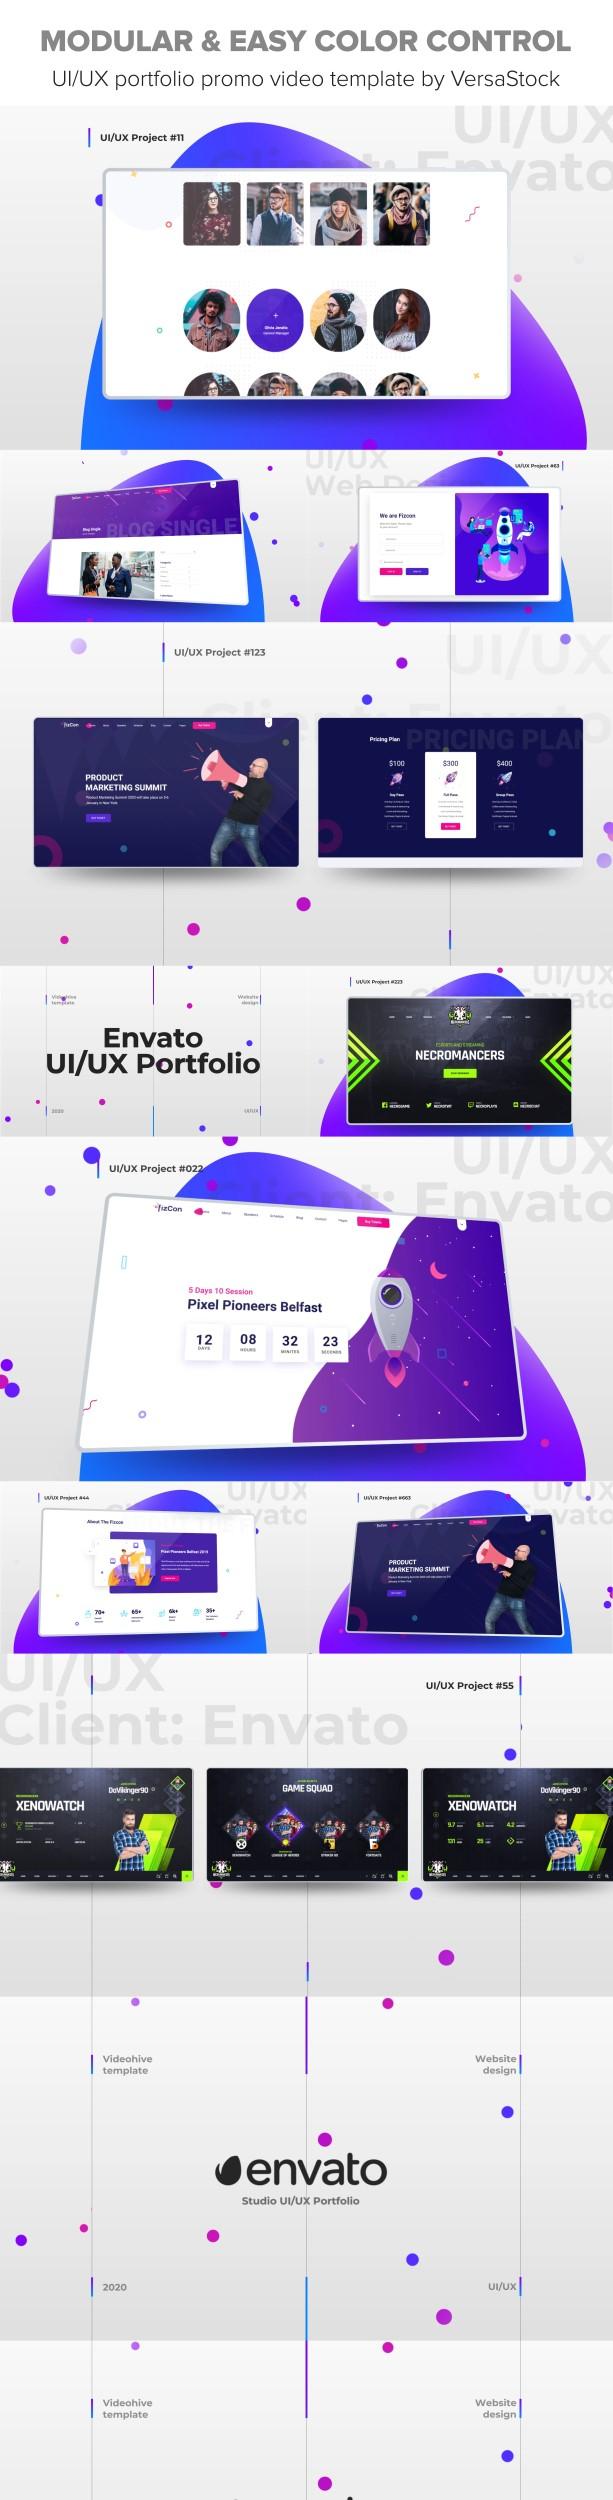 UI/UX Portfolio Promo - 4